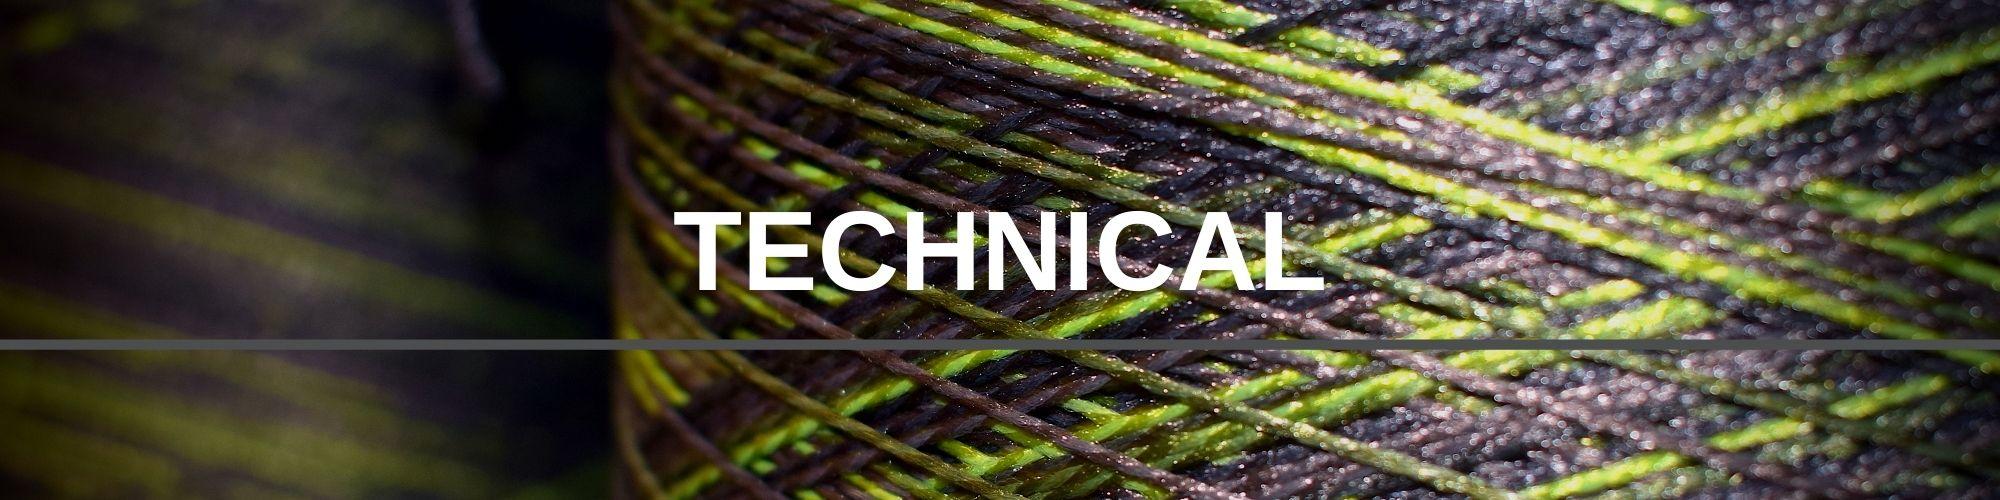 TECHNICAL | Paragon Carpet Tiles | Commercial Carpet Tiles